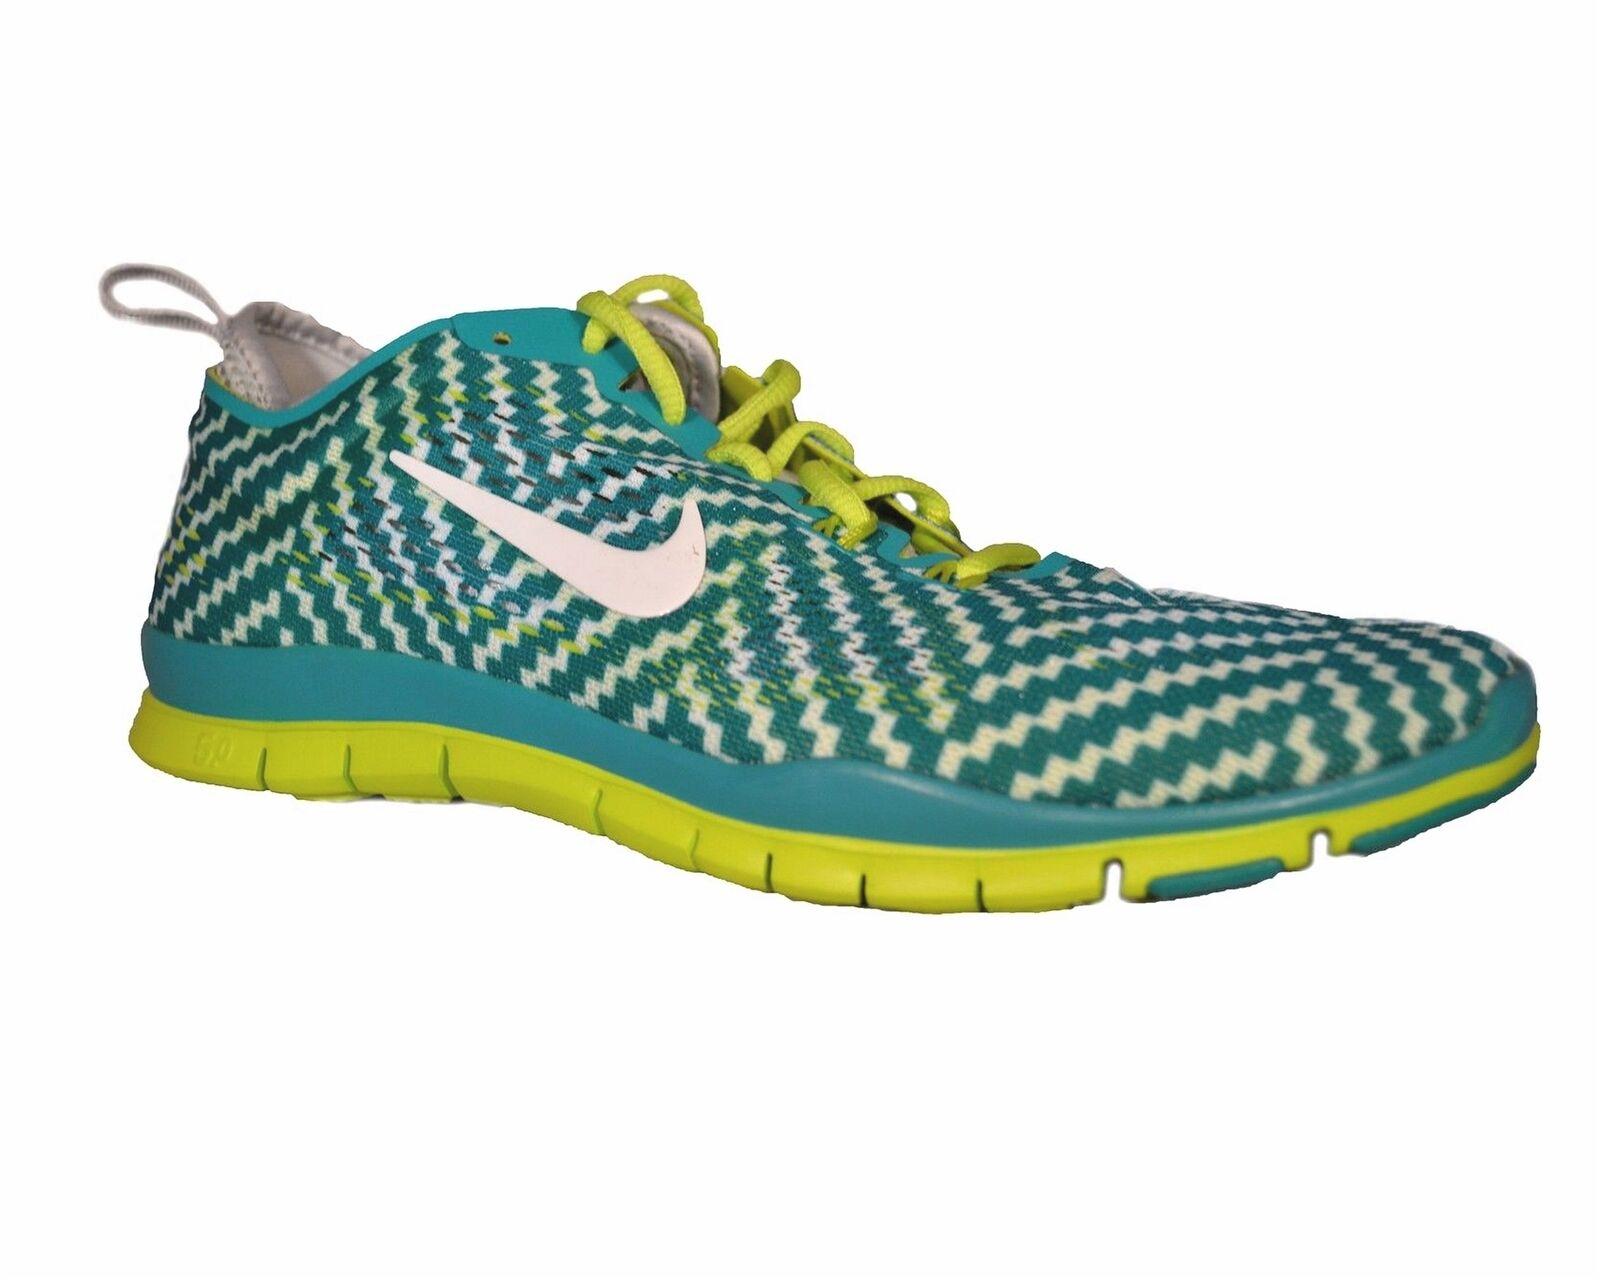 Nuevo Nike de mujer free 5.0 TR FIT 4 Print Entrenamiento Entrenamiento Print Correr zapatos  Tenis 105 d81a4d